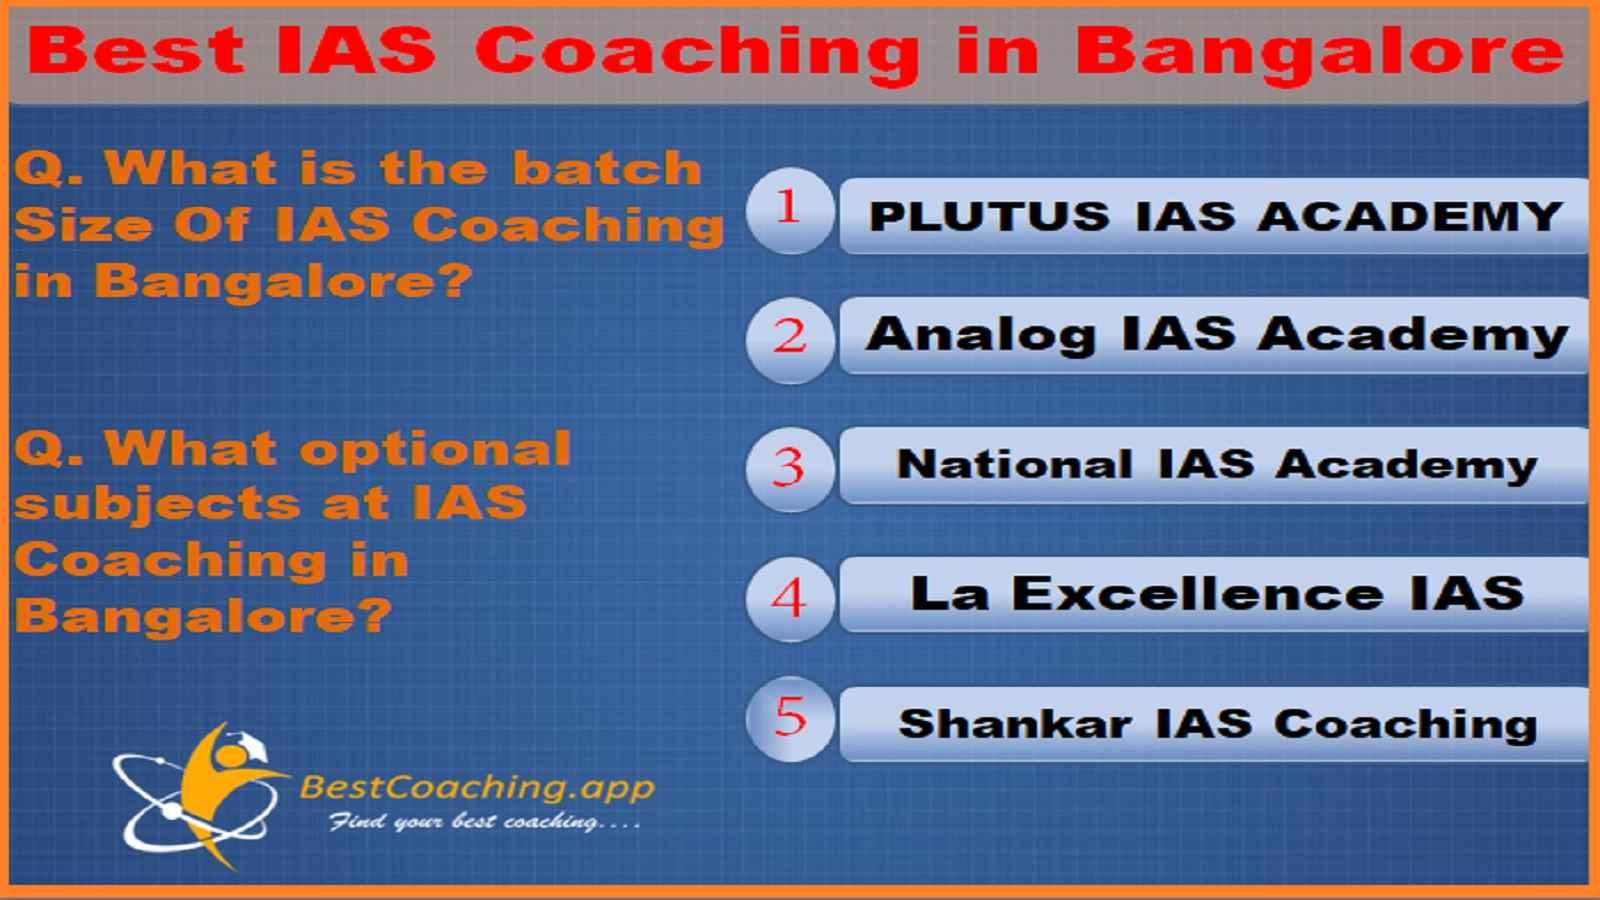 Best IAS Coaching Institute in Bangalore